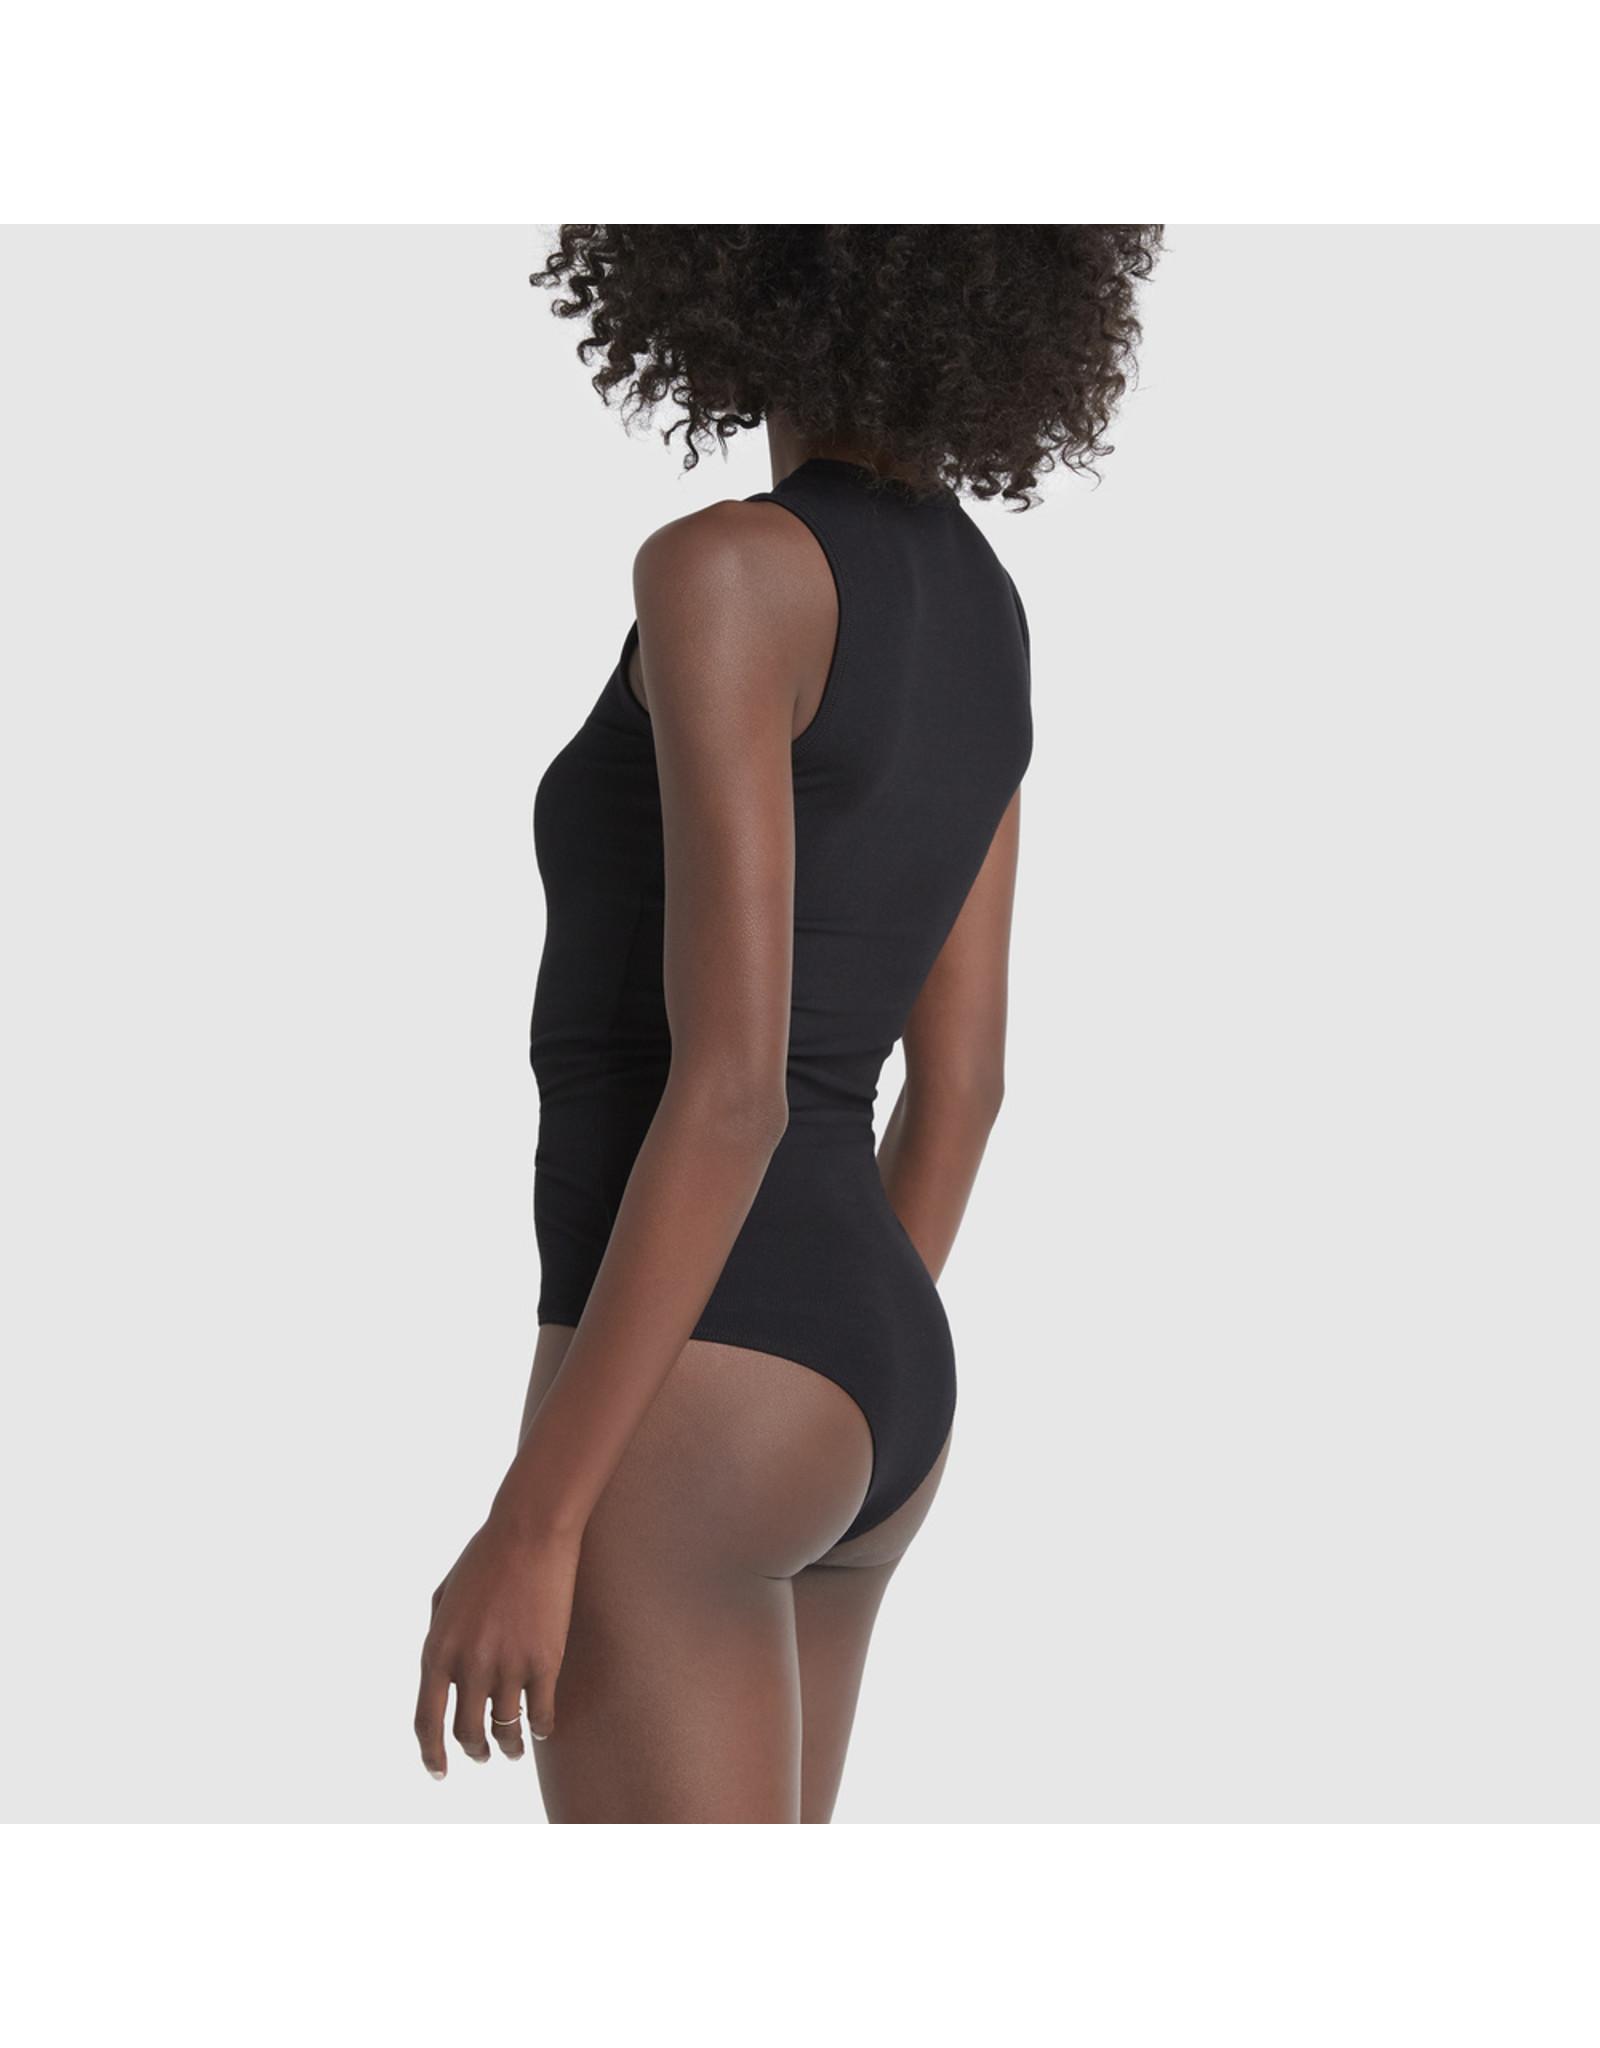 G. Label G. Label Amanda Bodysuit Reg (Color: Black, Size: L)